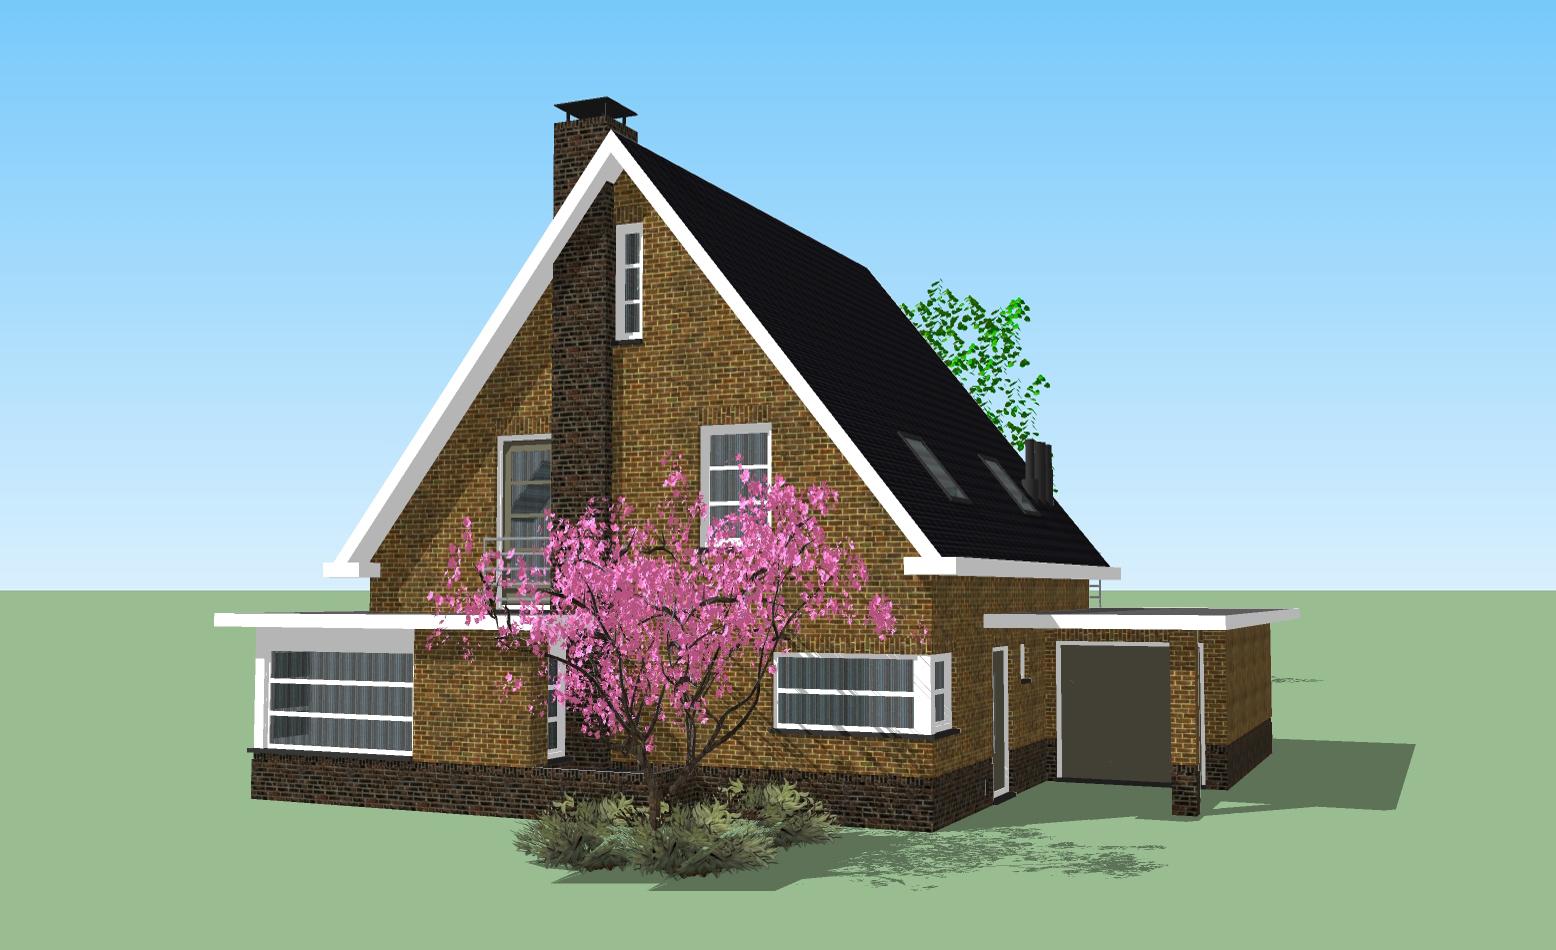 Huis q u a d r a november 2011 - Fotos van huis ...